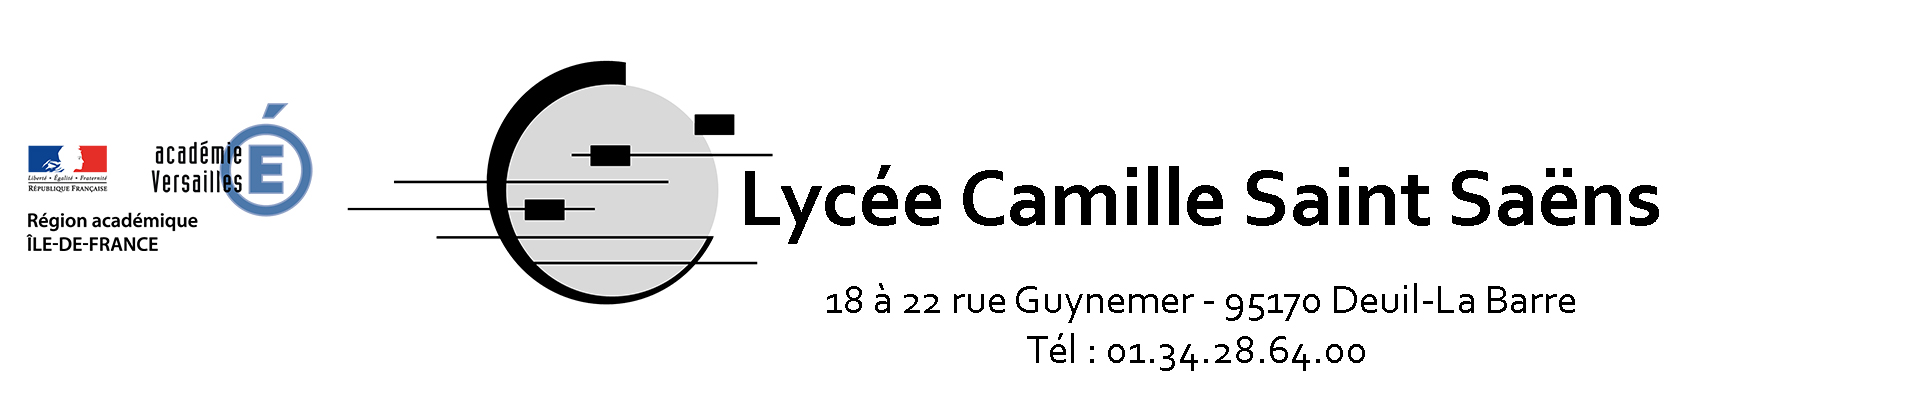 Lycée Camille Saint-Saens